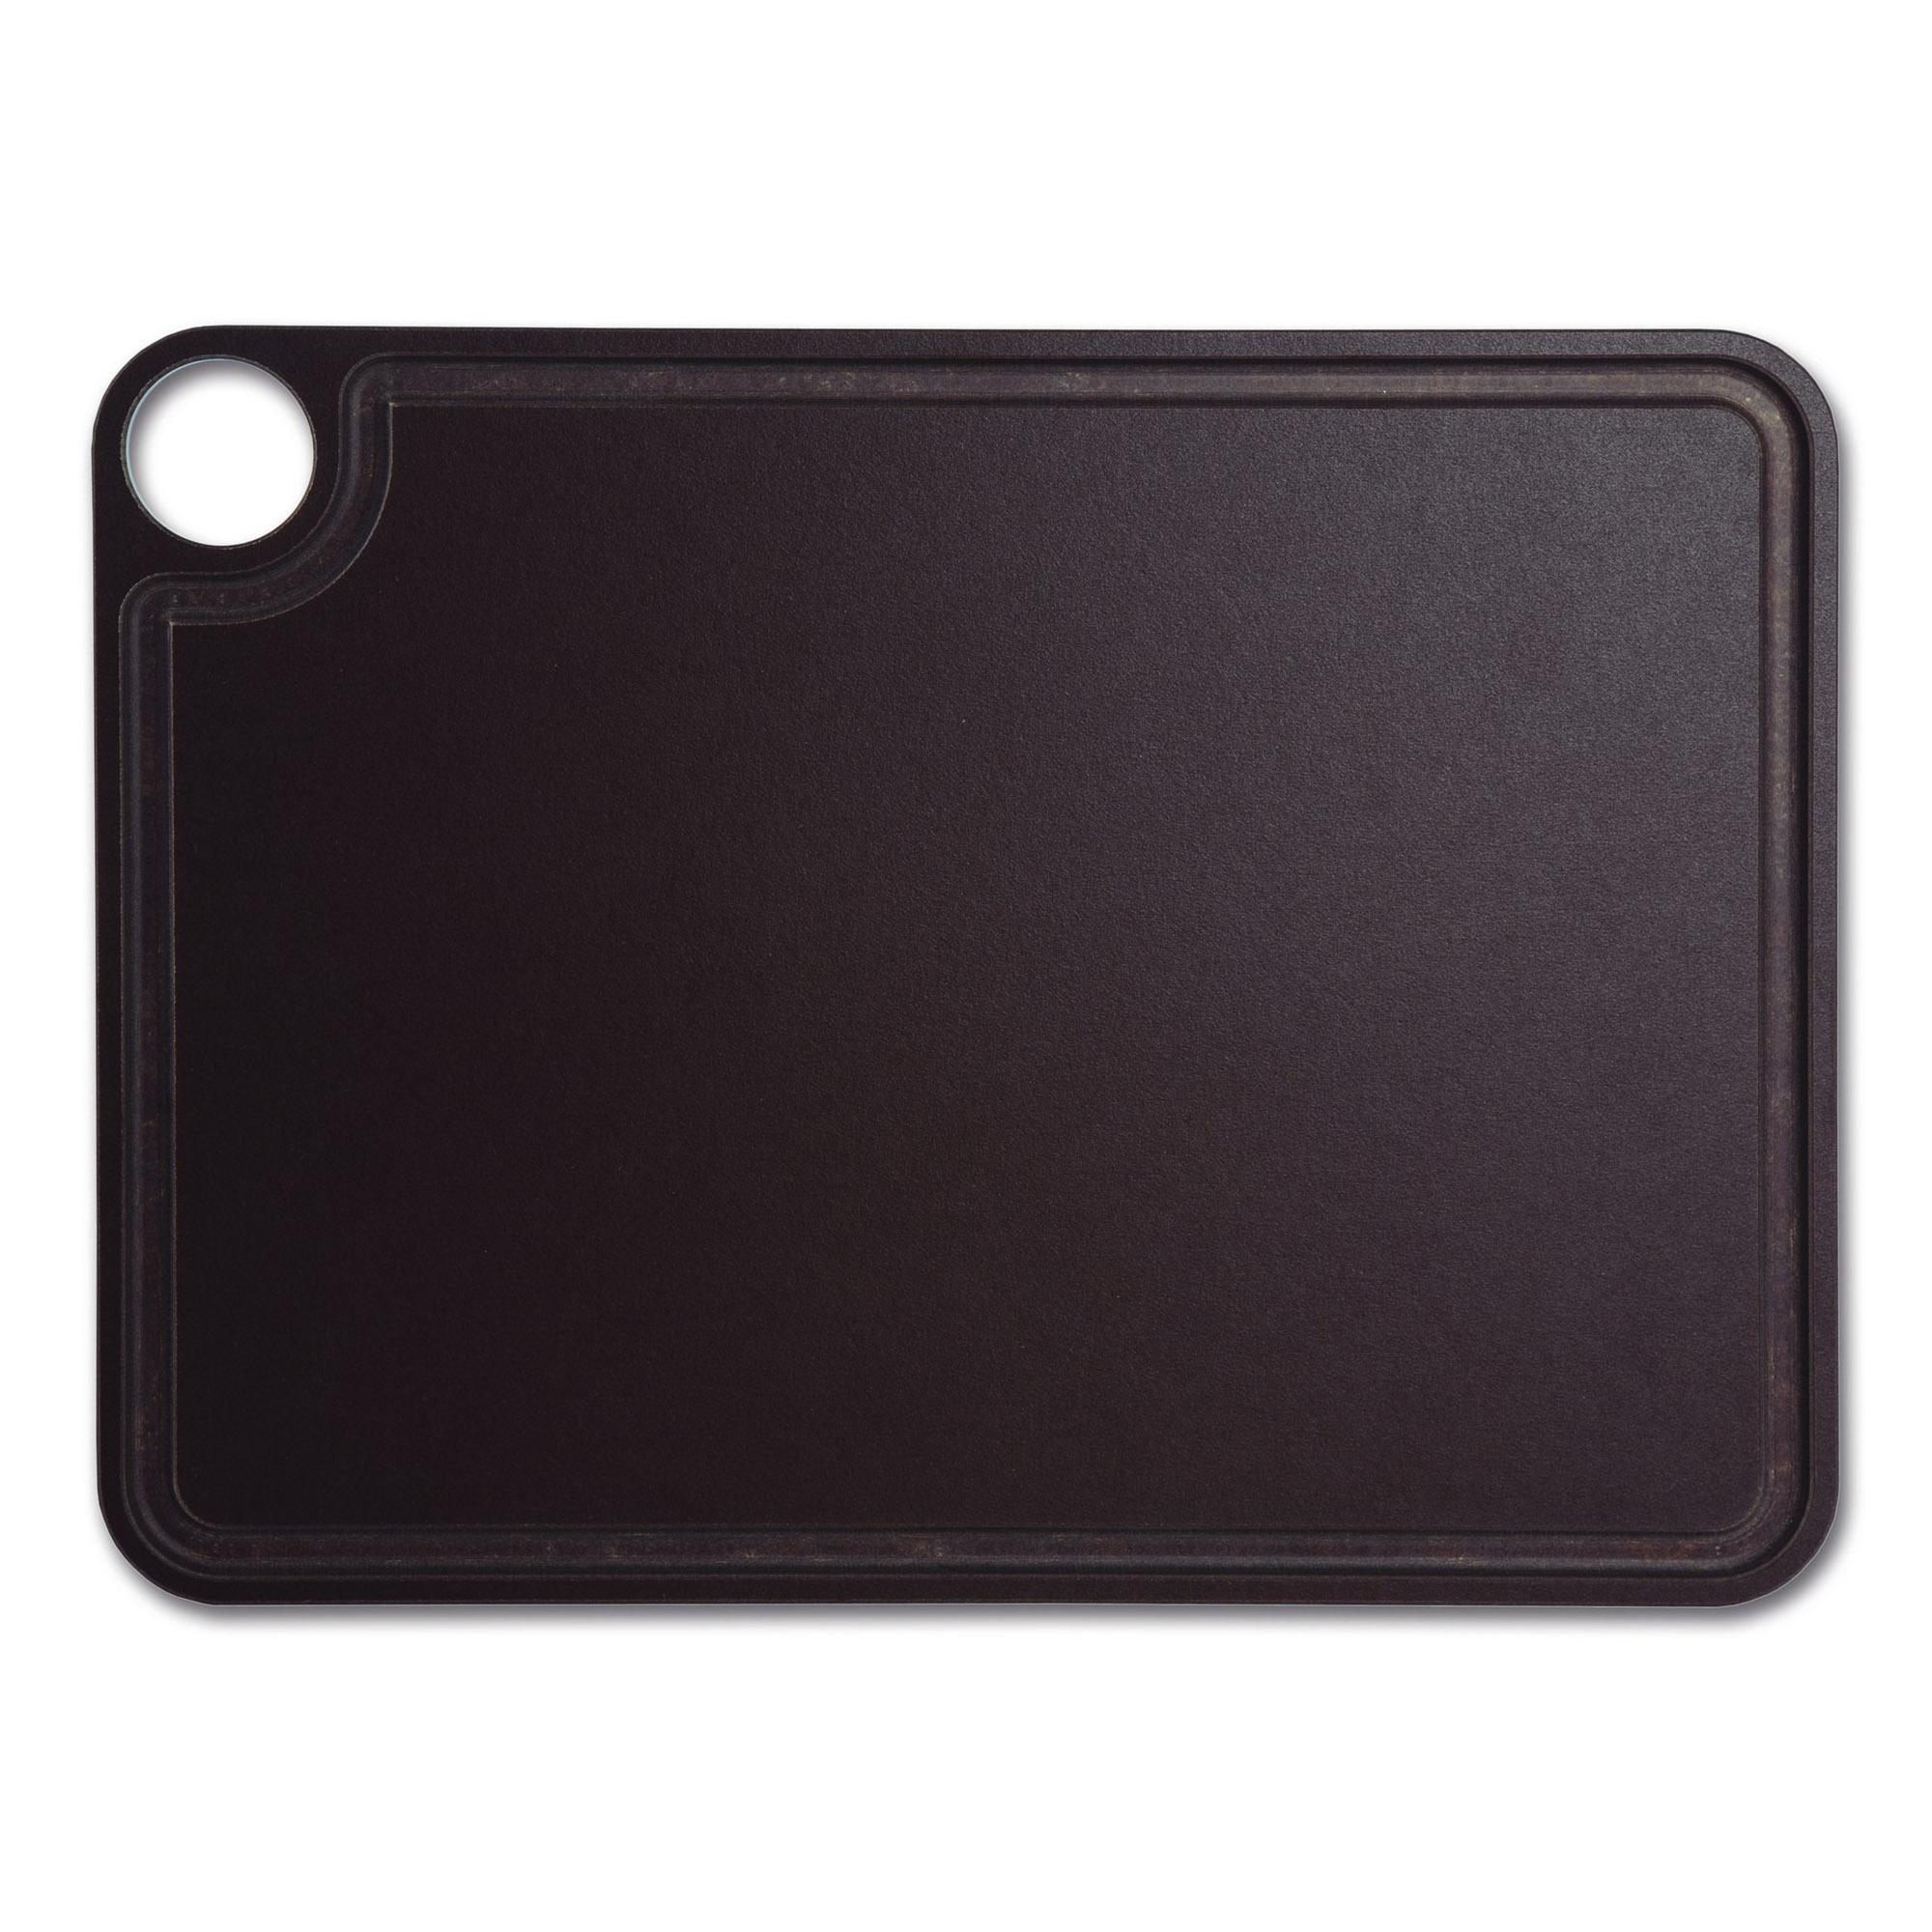 Доска разделочная с желобом Arcos Accessories 30,5x23 см доска разделочная arcos accessories 24х14 см